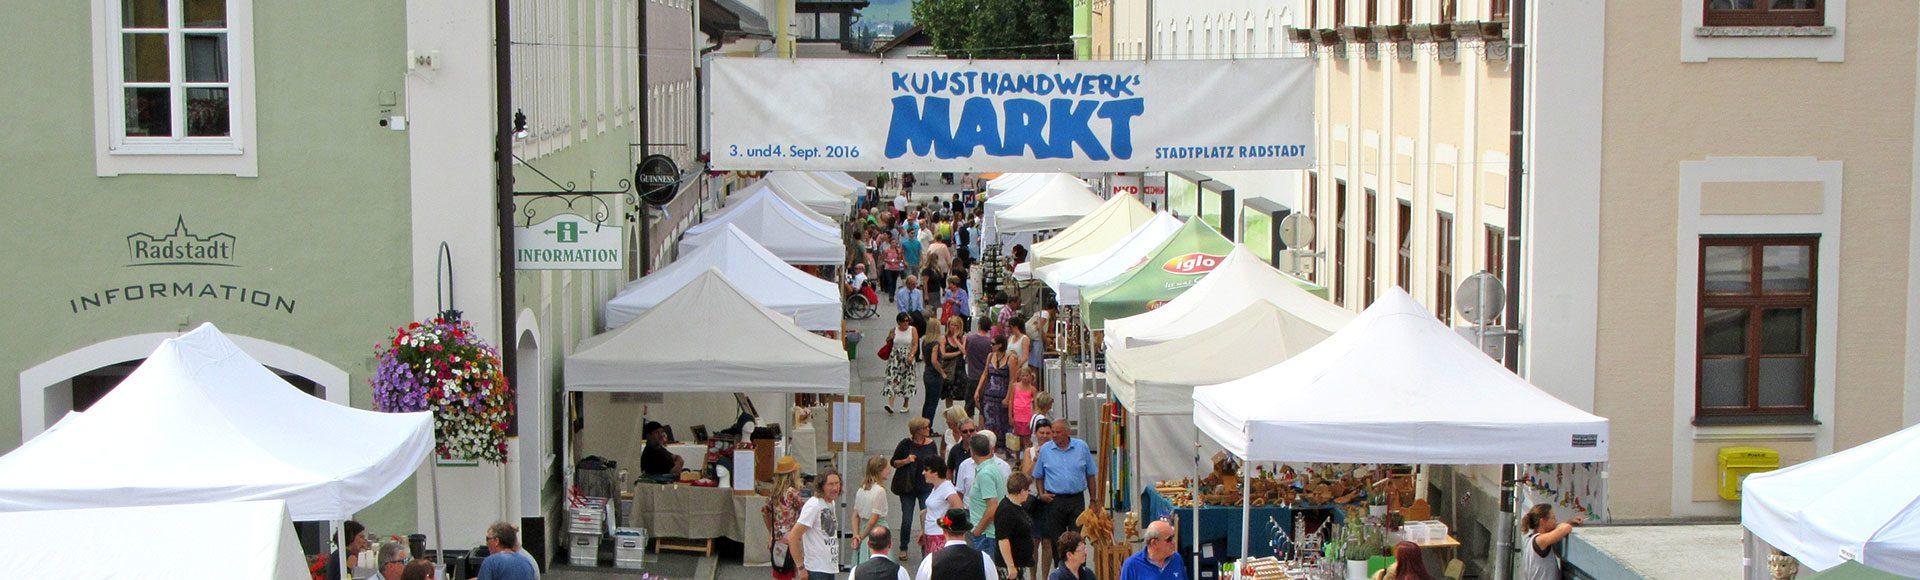 Kunsthandwerksmarkt Radstadt Kulturkreis Das Zentrum 1